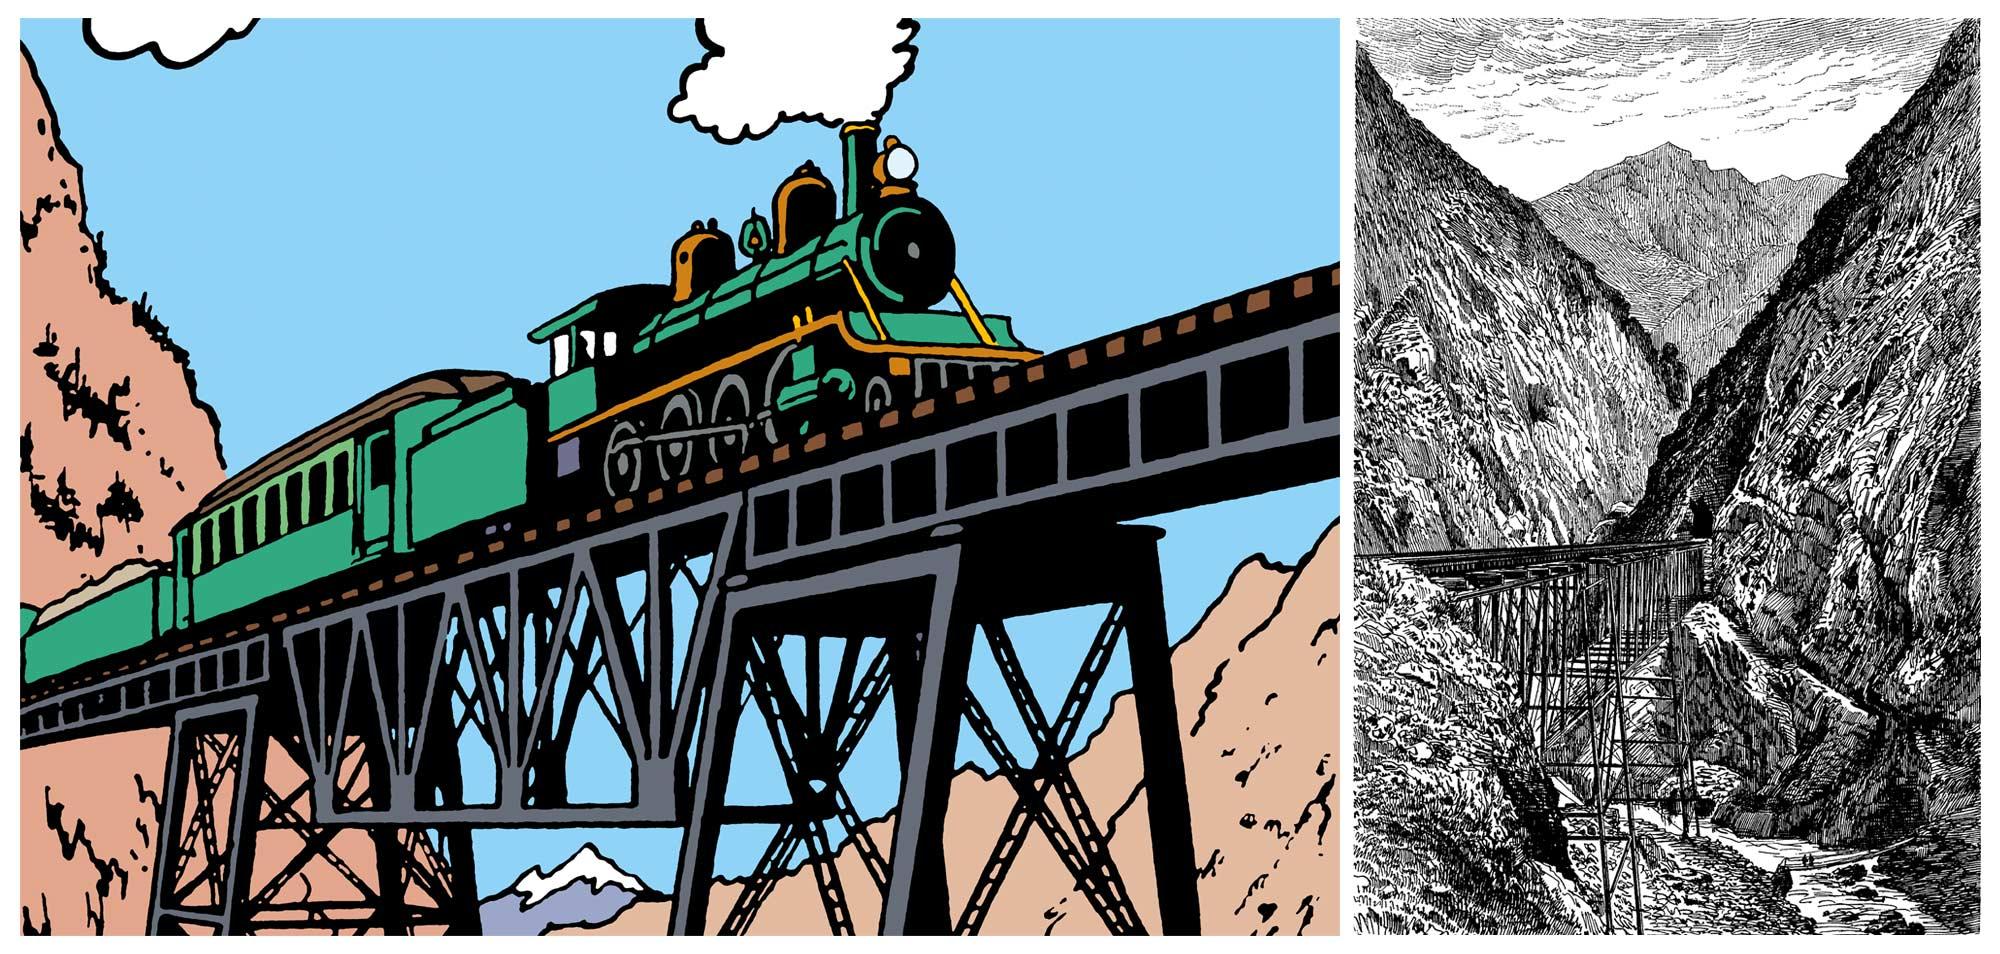 Tintin - Les Aventures de Tintin - Le Temple du Soleil - Le Train le Plus Haut Du Monde